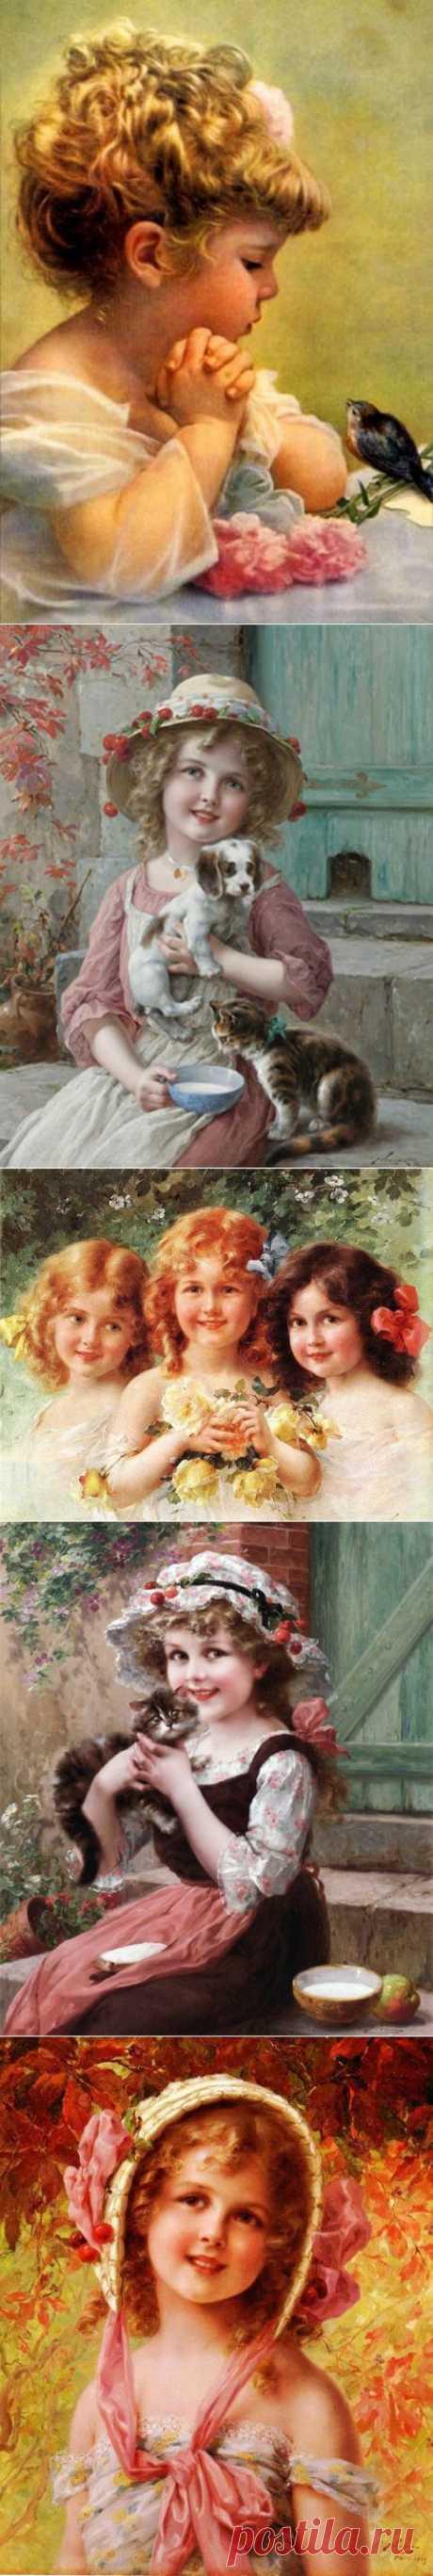 Французский художник Эмиль Вернон родился в 1872 году в городке Блуа. Живопись изучал в мастерской жанрового художника и скульптора Огюста Жозефа Трюфема. После учился в Университета в городе Туре на отделении изобразительных искусств. Вернон специализировался на жанровых сценах и портретной живописи. Особенно хороши его портреты детей и молодых девушек. В 1899 году художник осуществил оформление театра де Шателлье в городе Невер (купол и занавес сцены). В 1904 году художник переезжает в Лондон.